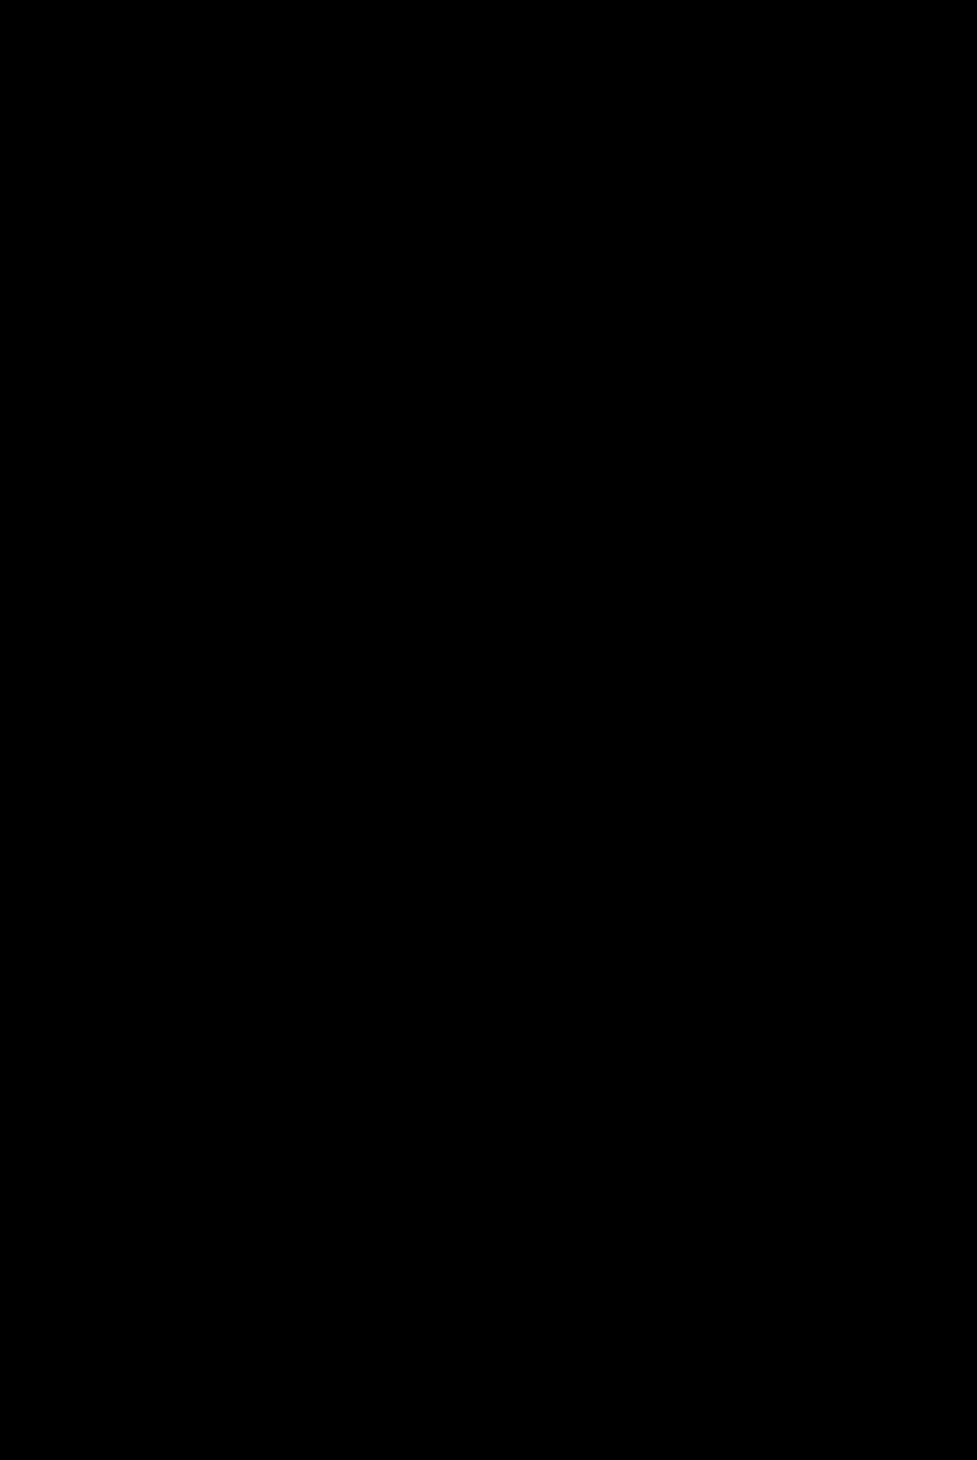 図125.png